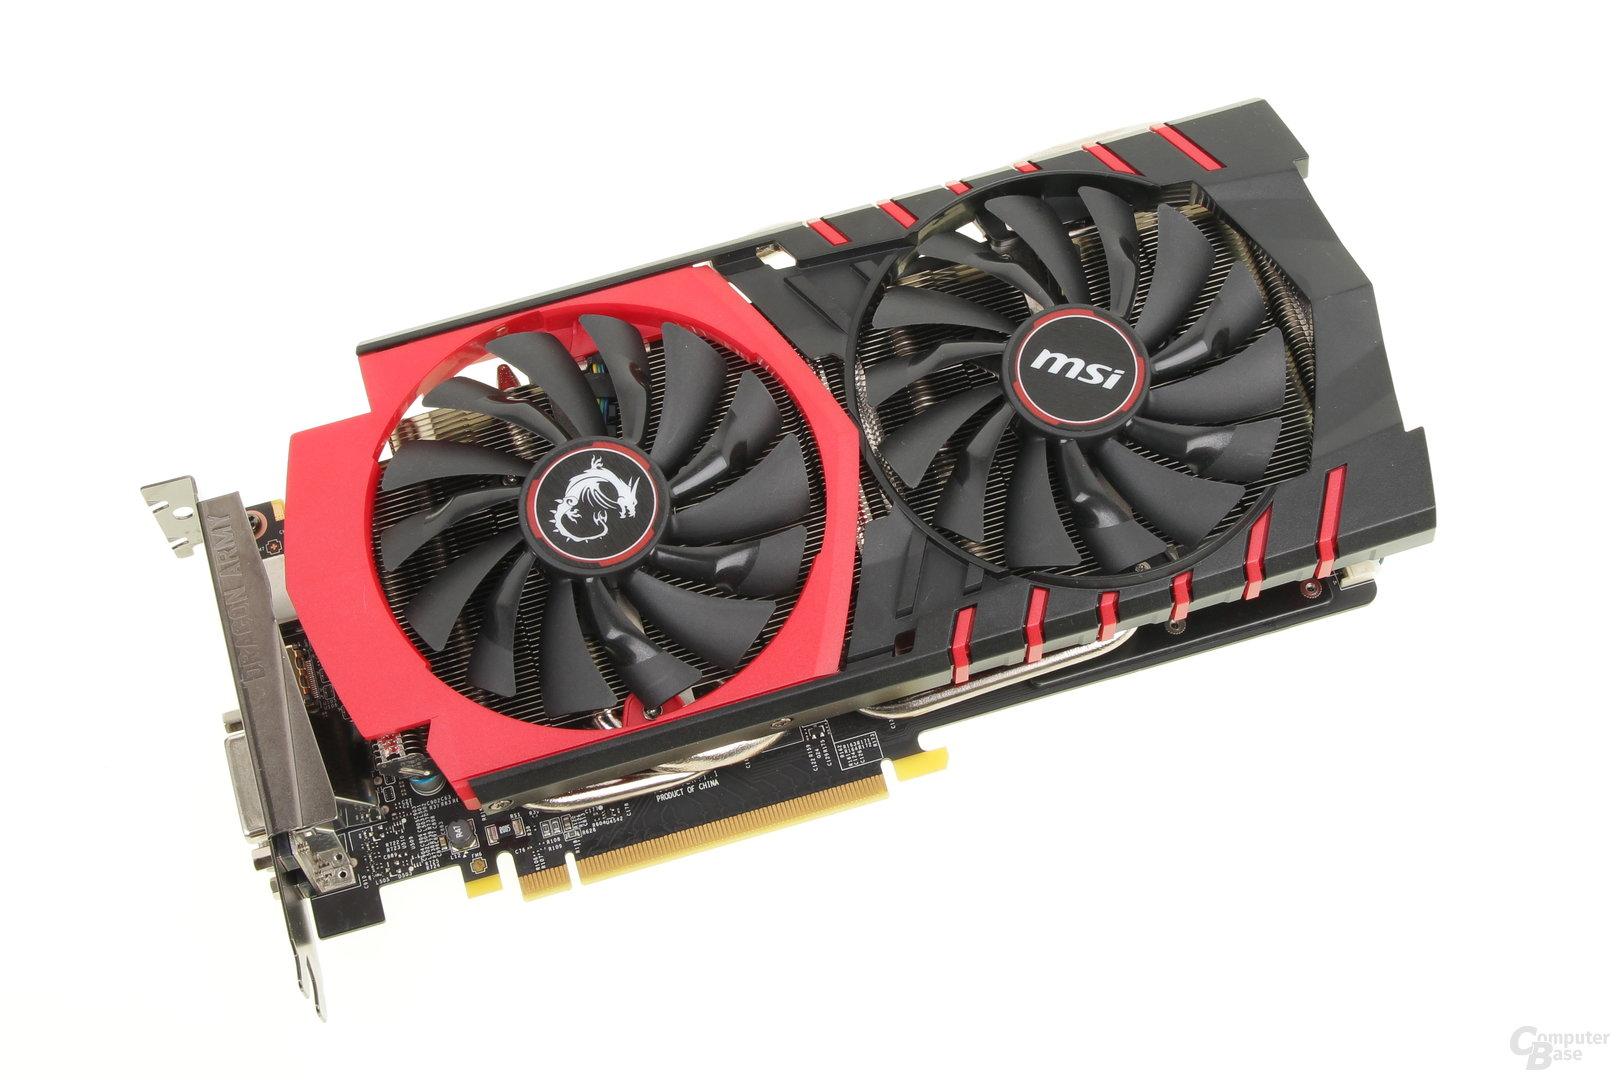 MSI GeForce GTX 970 Gaming 4G